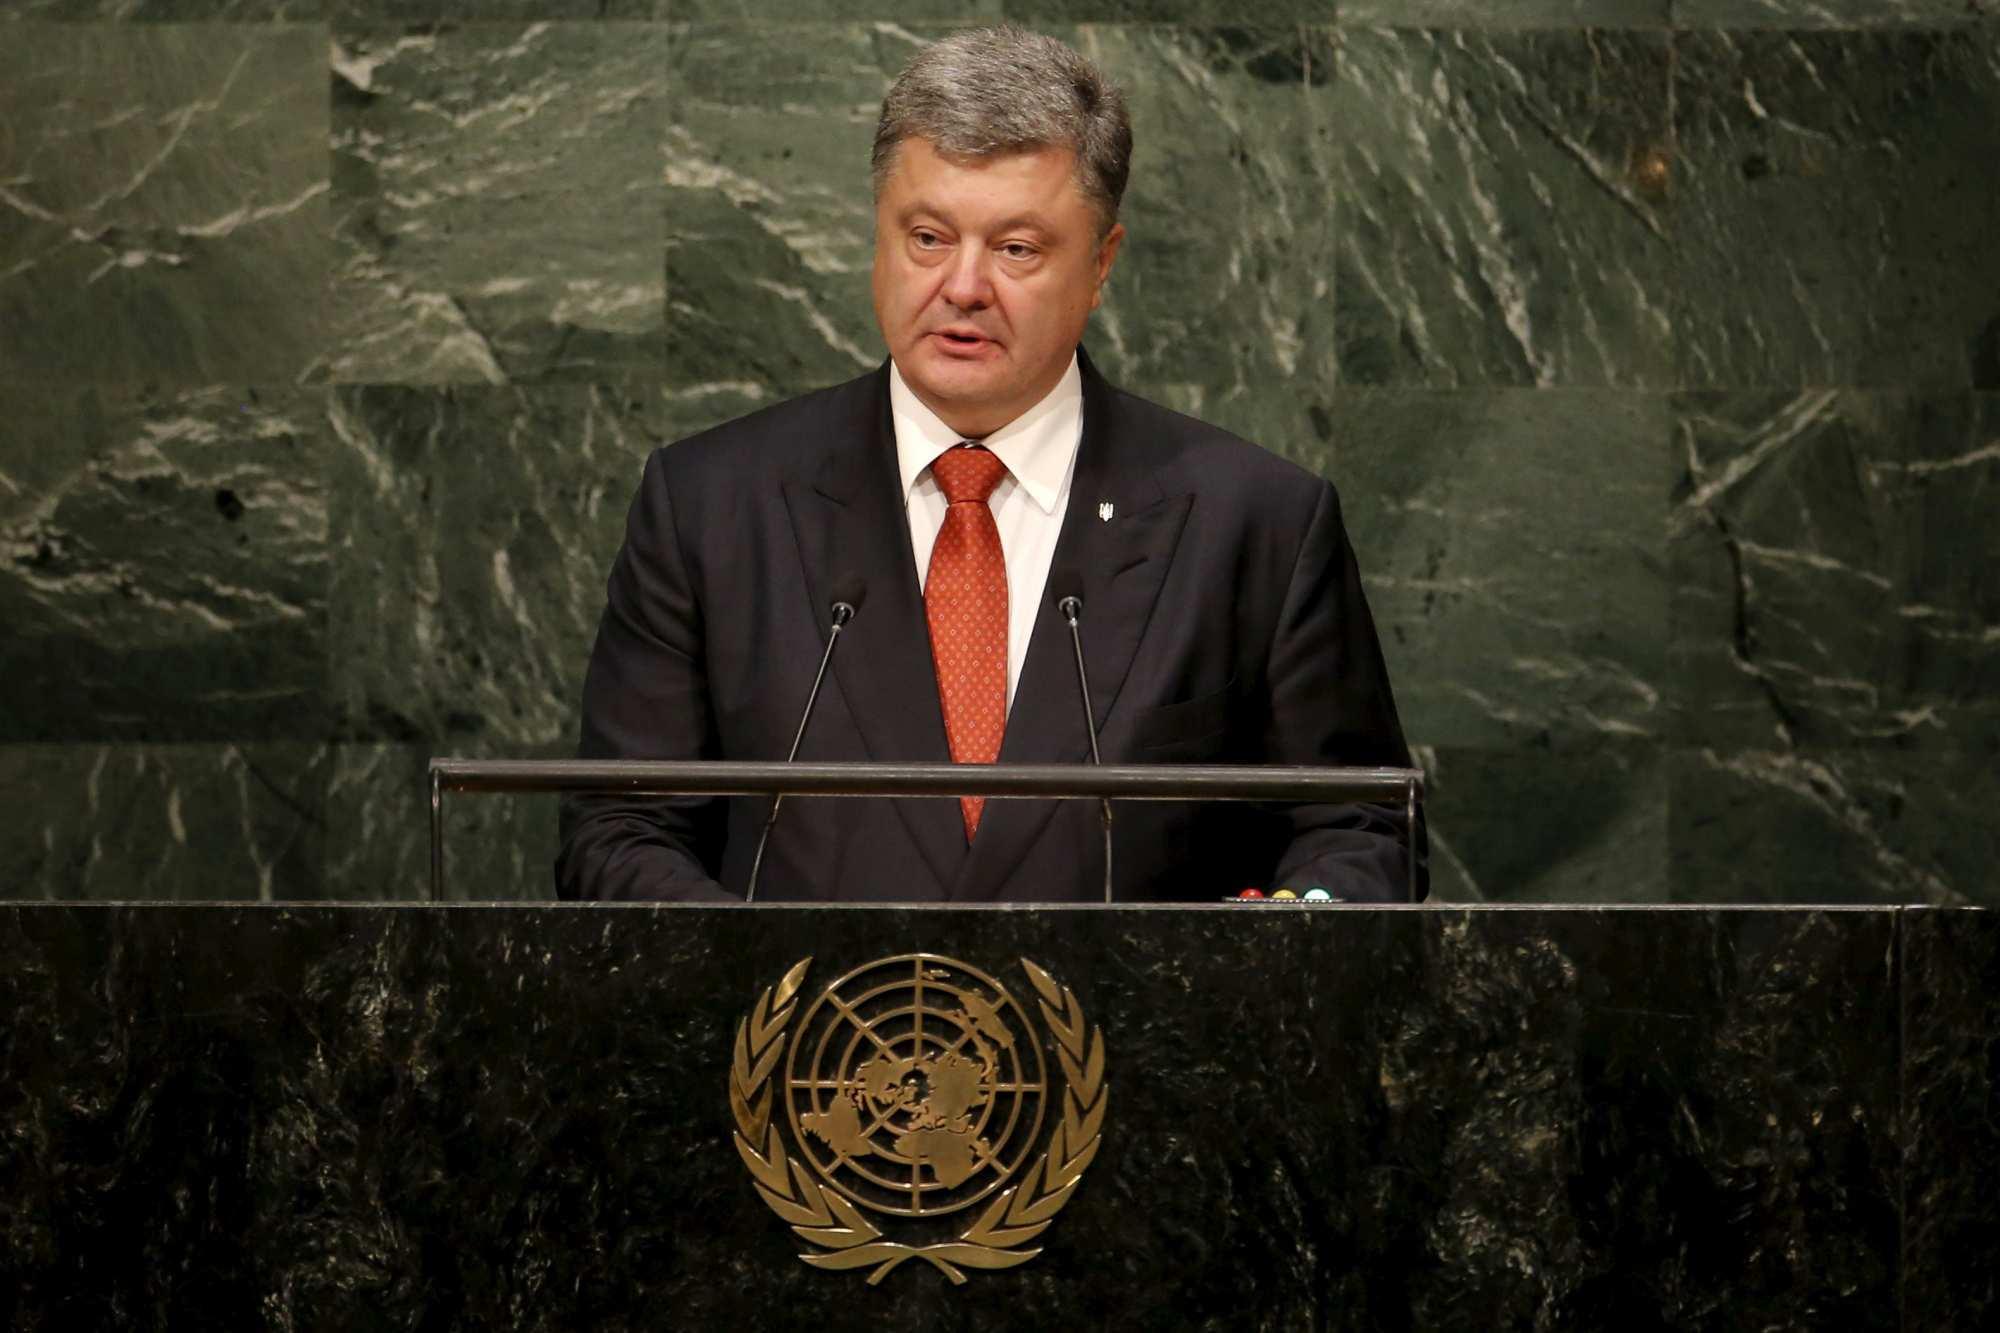 СРОЧНО: Делегация РФ покинула зал ГА ООН во время выступления Порошенко, — источник | Русская весна